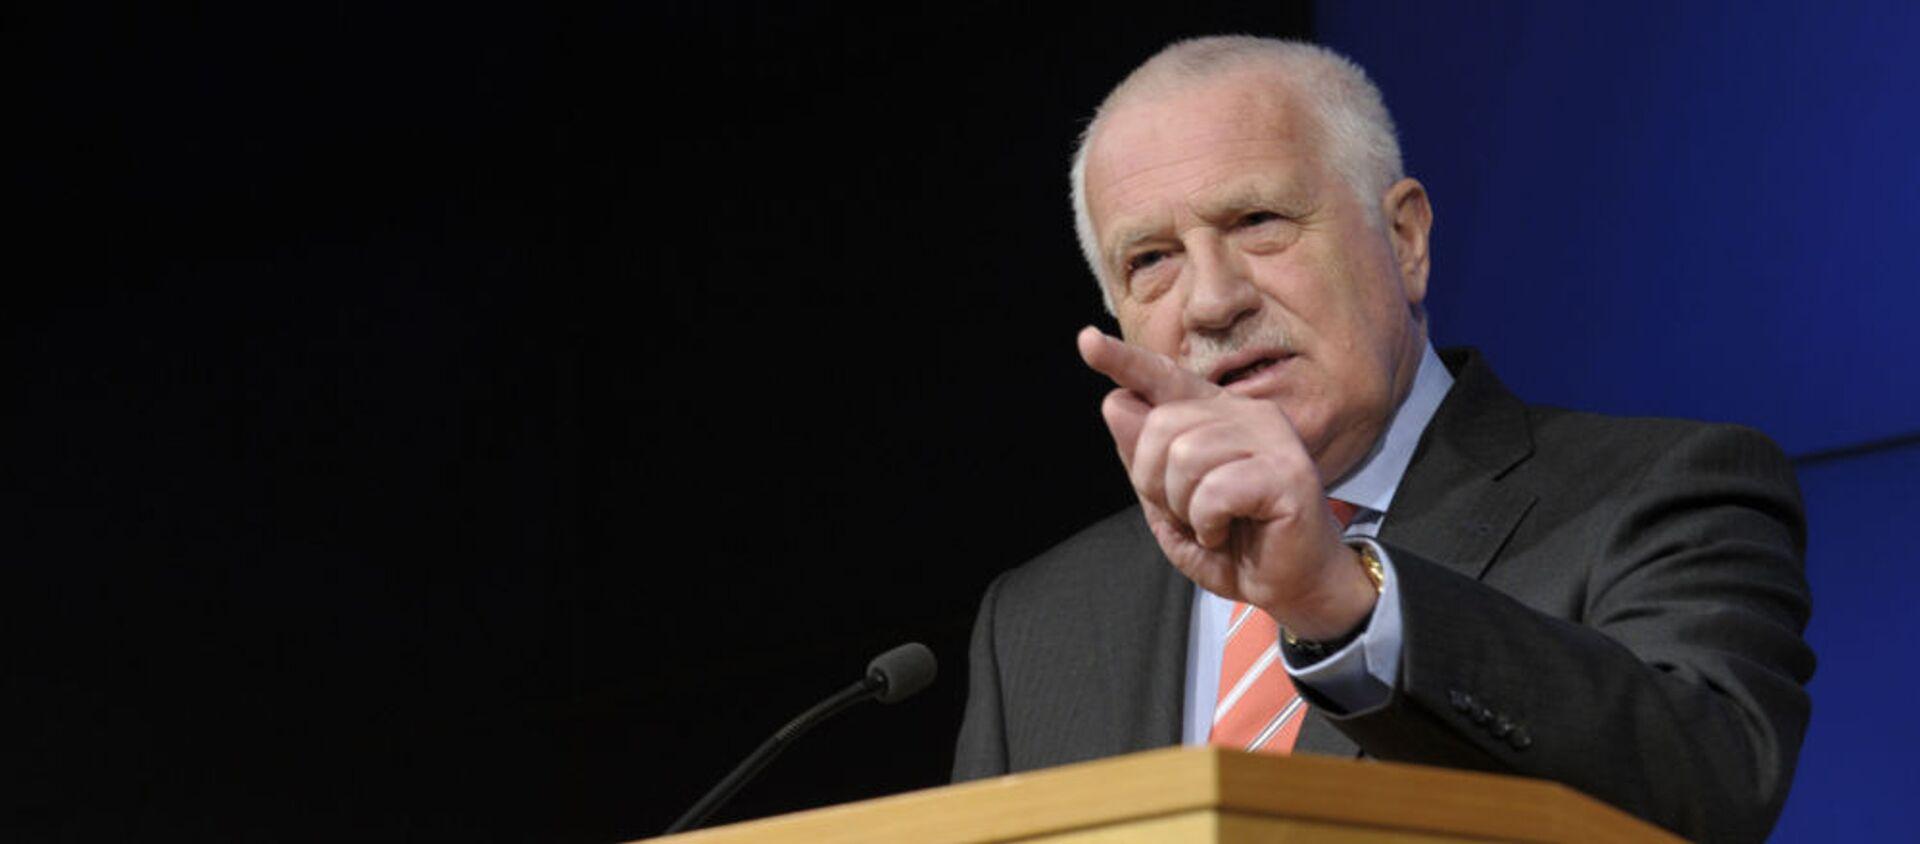 Bývalý český prezident Václav Klaus - Sputnik Česká republika, 1920, 03.02.2021